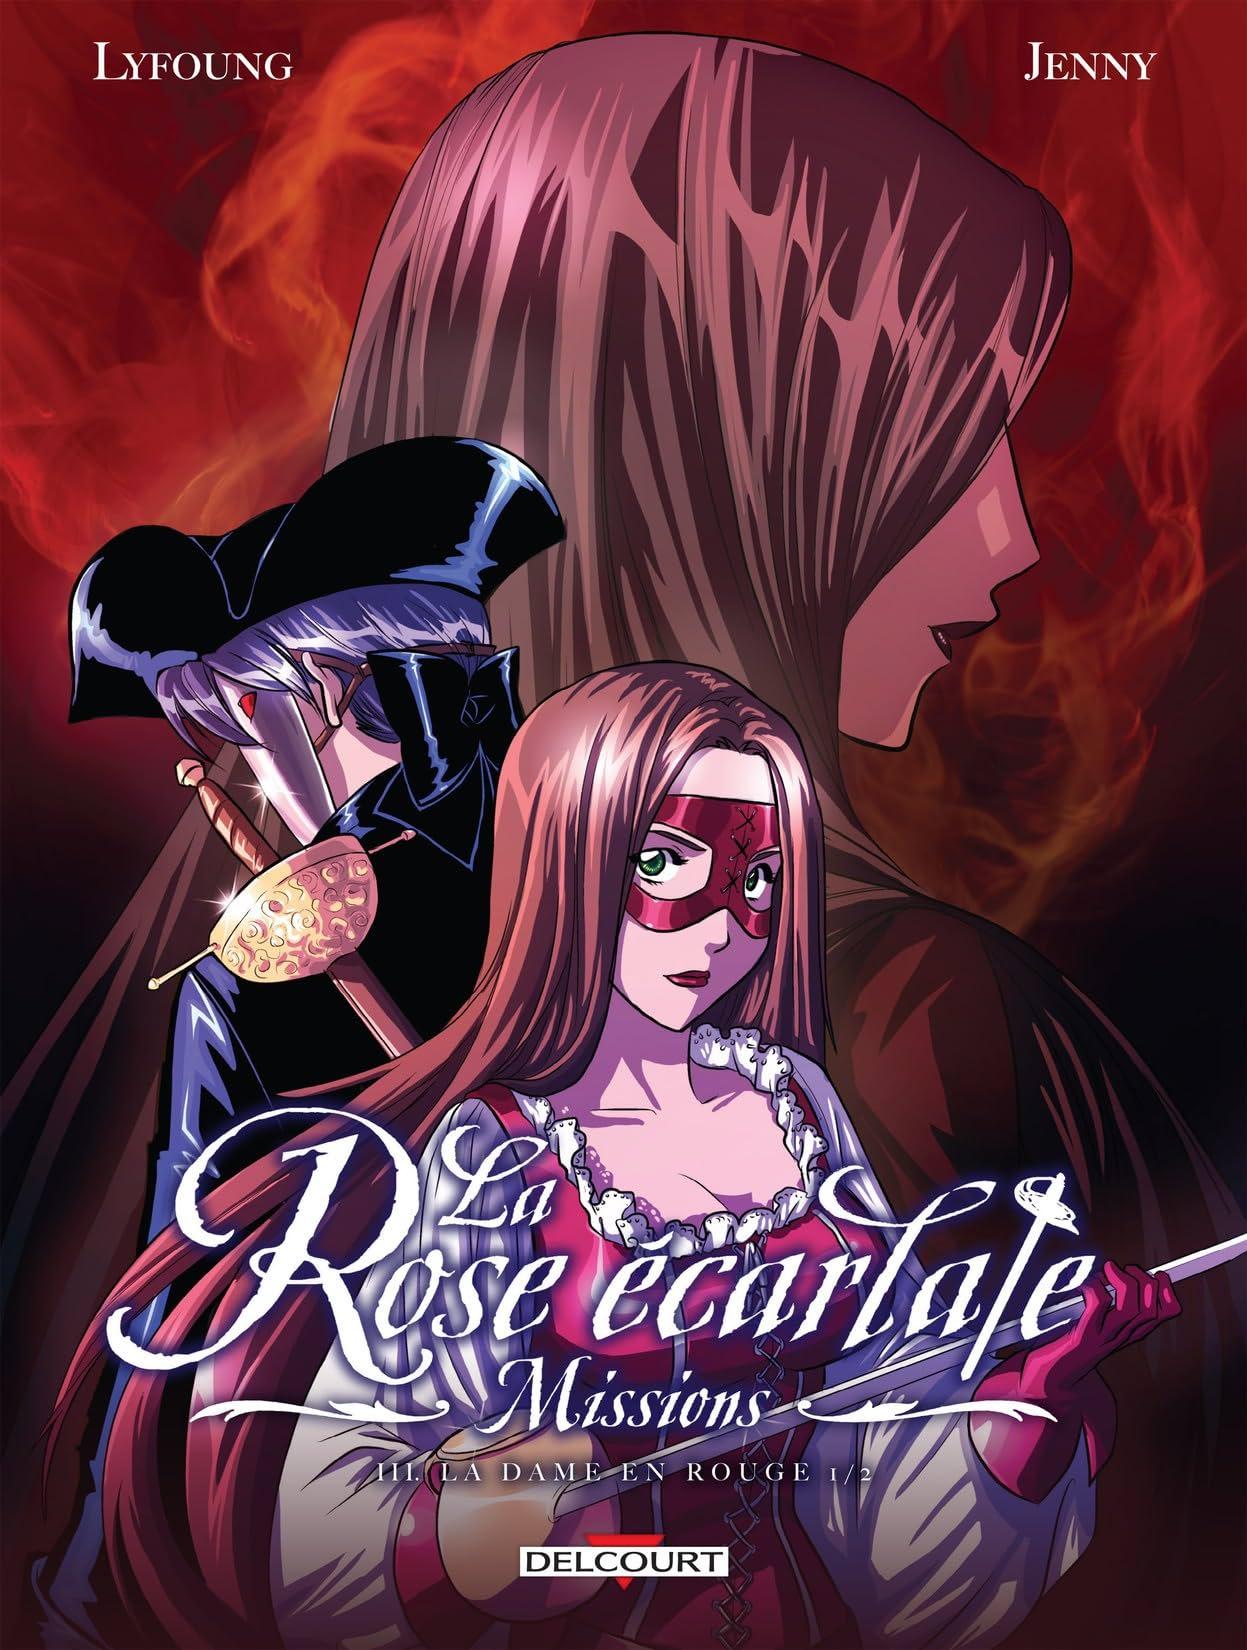 La Rose écarlate - Missions Vol. 3: La Dame en rouge